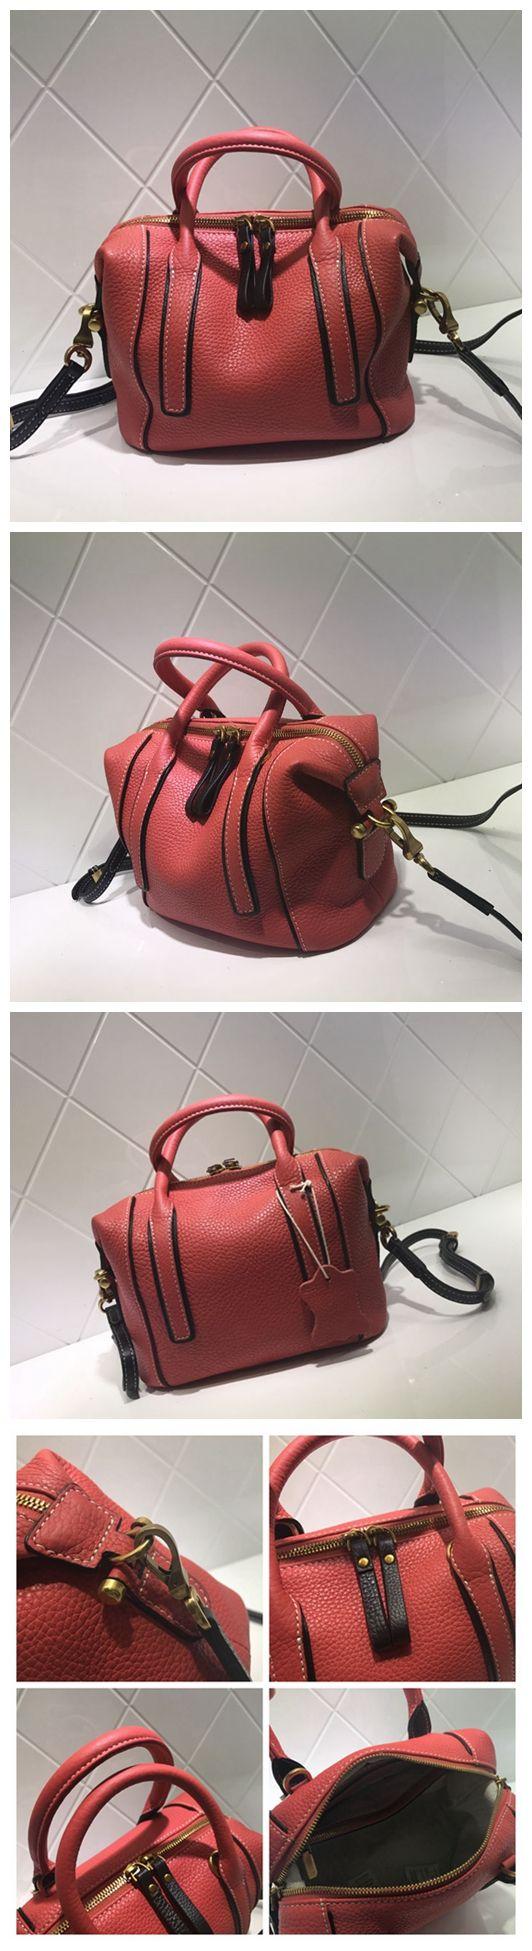 Full Grain Leather Fashion Handbag Shoulder Bag Messenger Bag Leather Bag for Women AM02 Overview: Design: Women Fashion Handbag In Stock: 3-5 days For Making Include: Only Handbag Color: Red, Gray, B